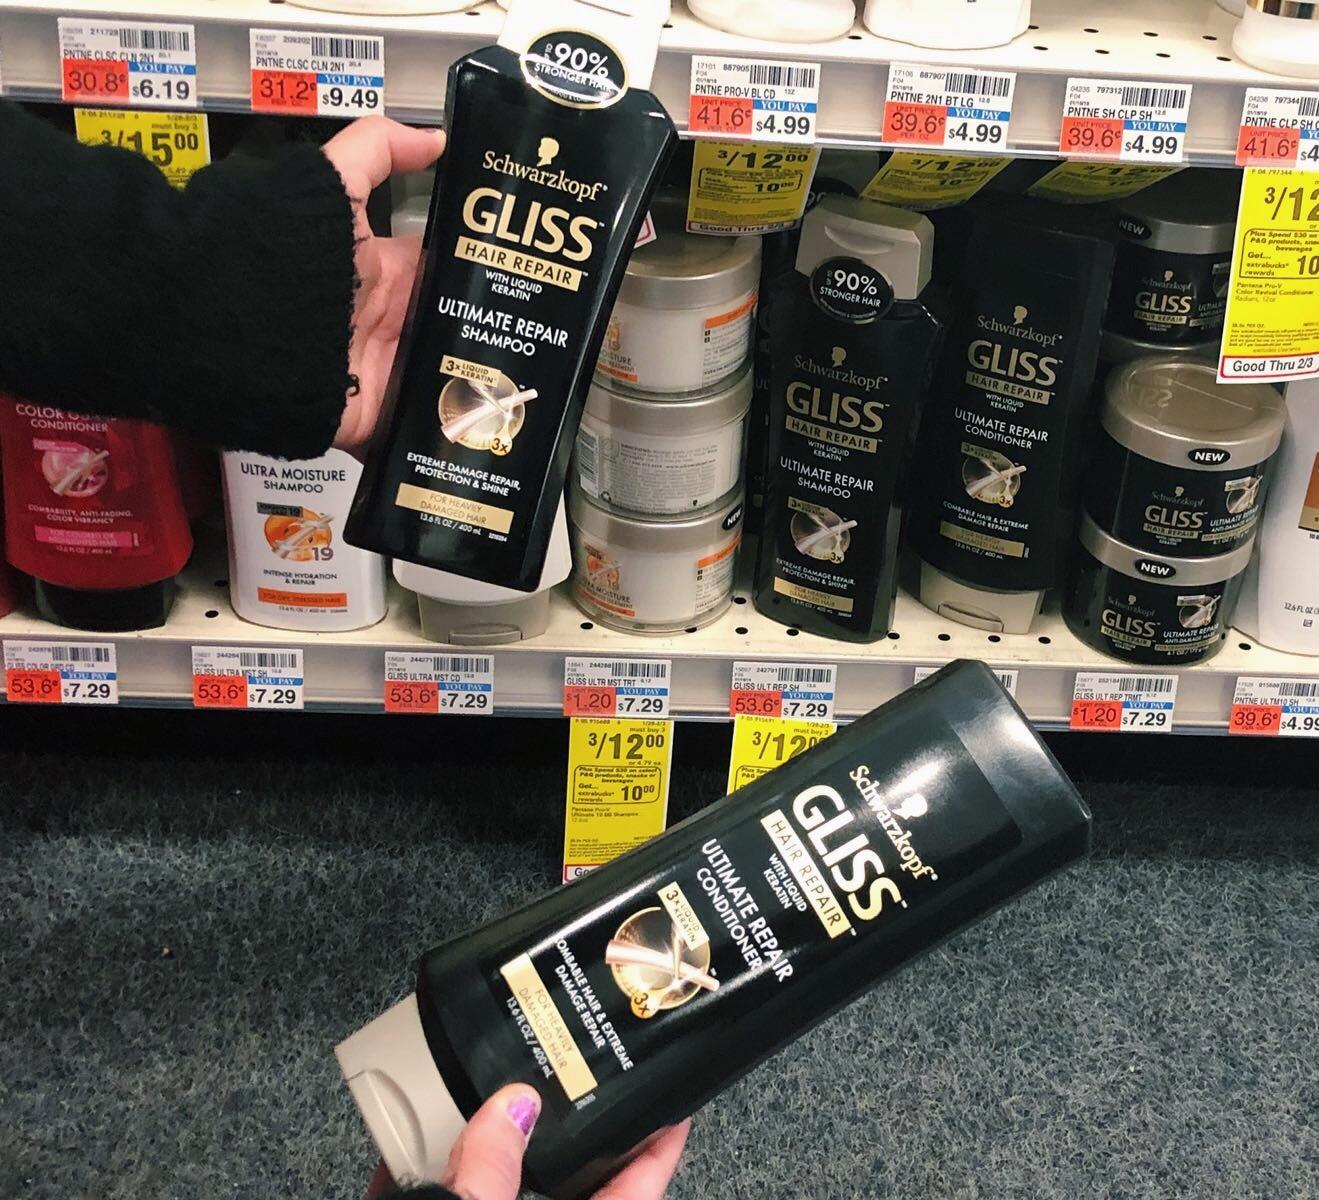 gliss hair repair